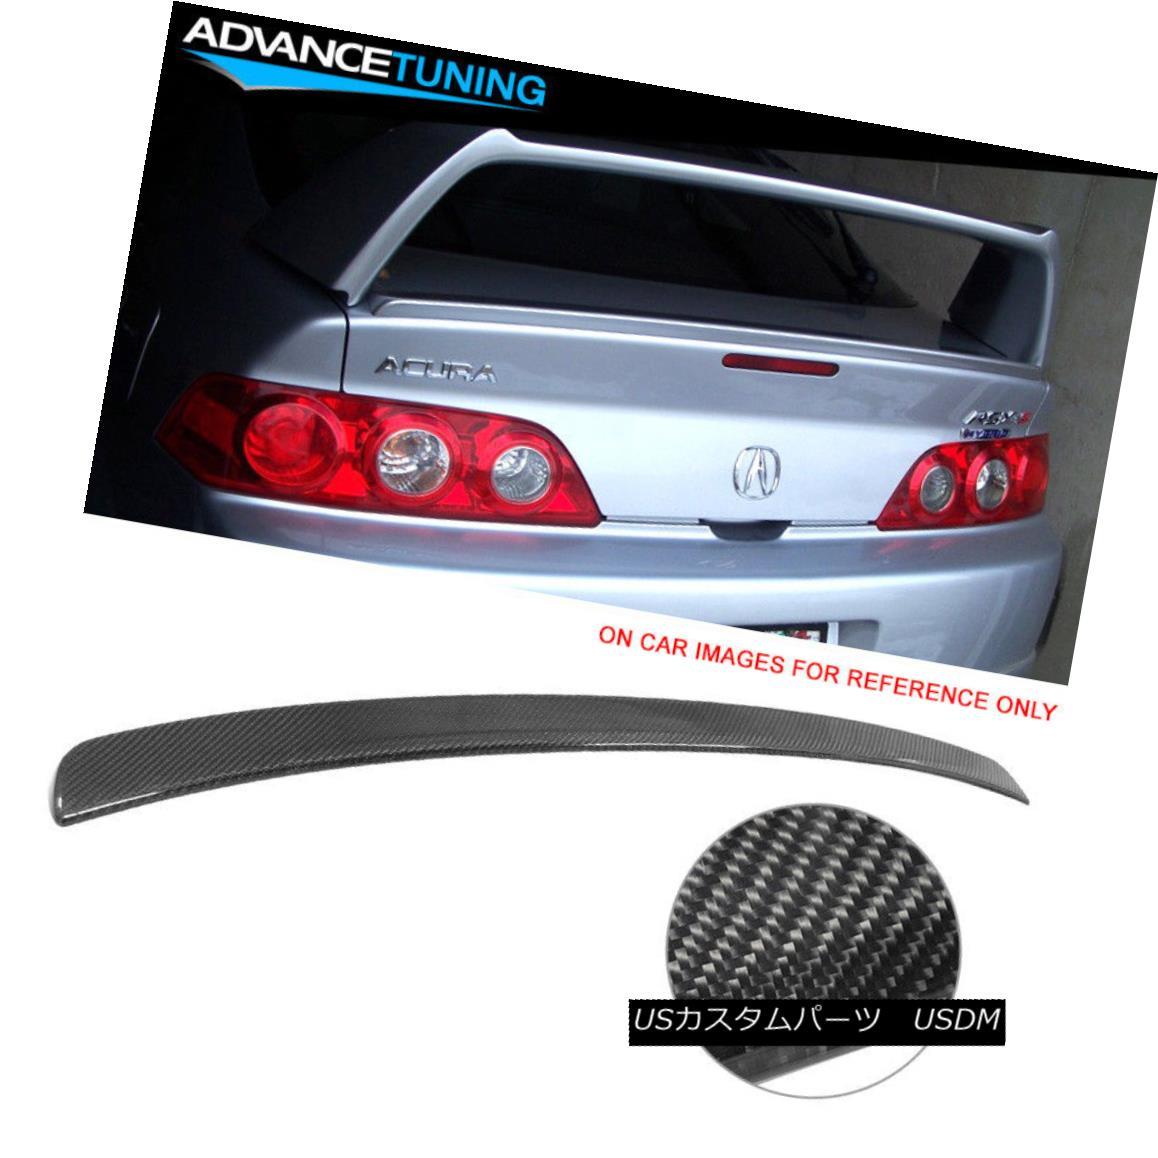 エアロパーツ Fits 02-06 Acura RSX Coupe 2Dr Aspec Style Trunk Spoiler Lid - Carbon Fiber CF フィット02-06アキュラRSXクーペ2Dr Aspecスタイルトランクスポイラー蓋 - 炭素繊維CF